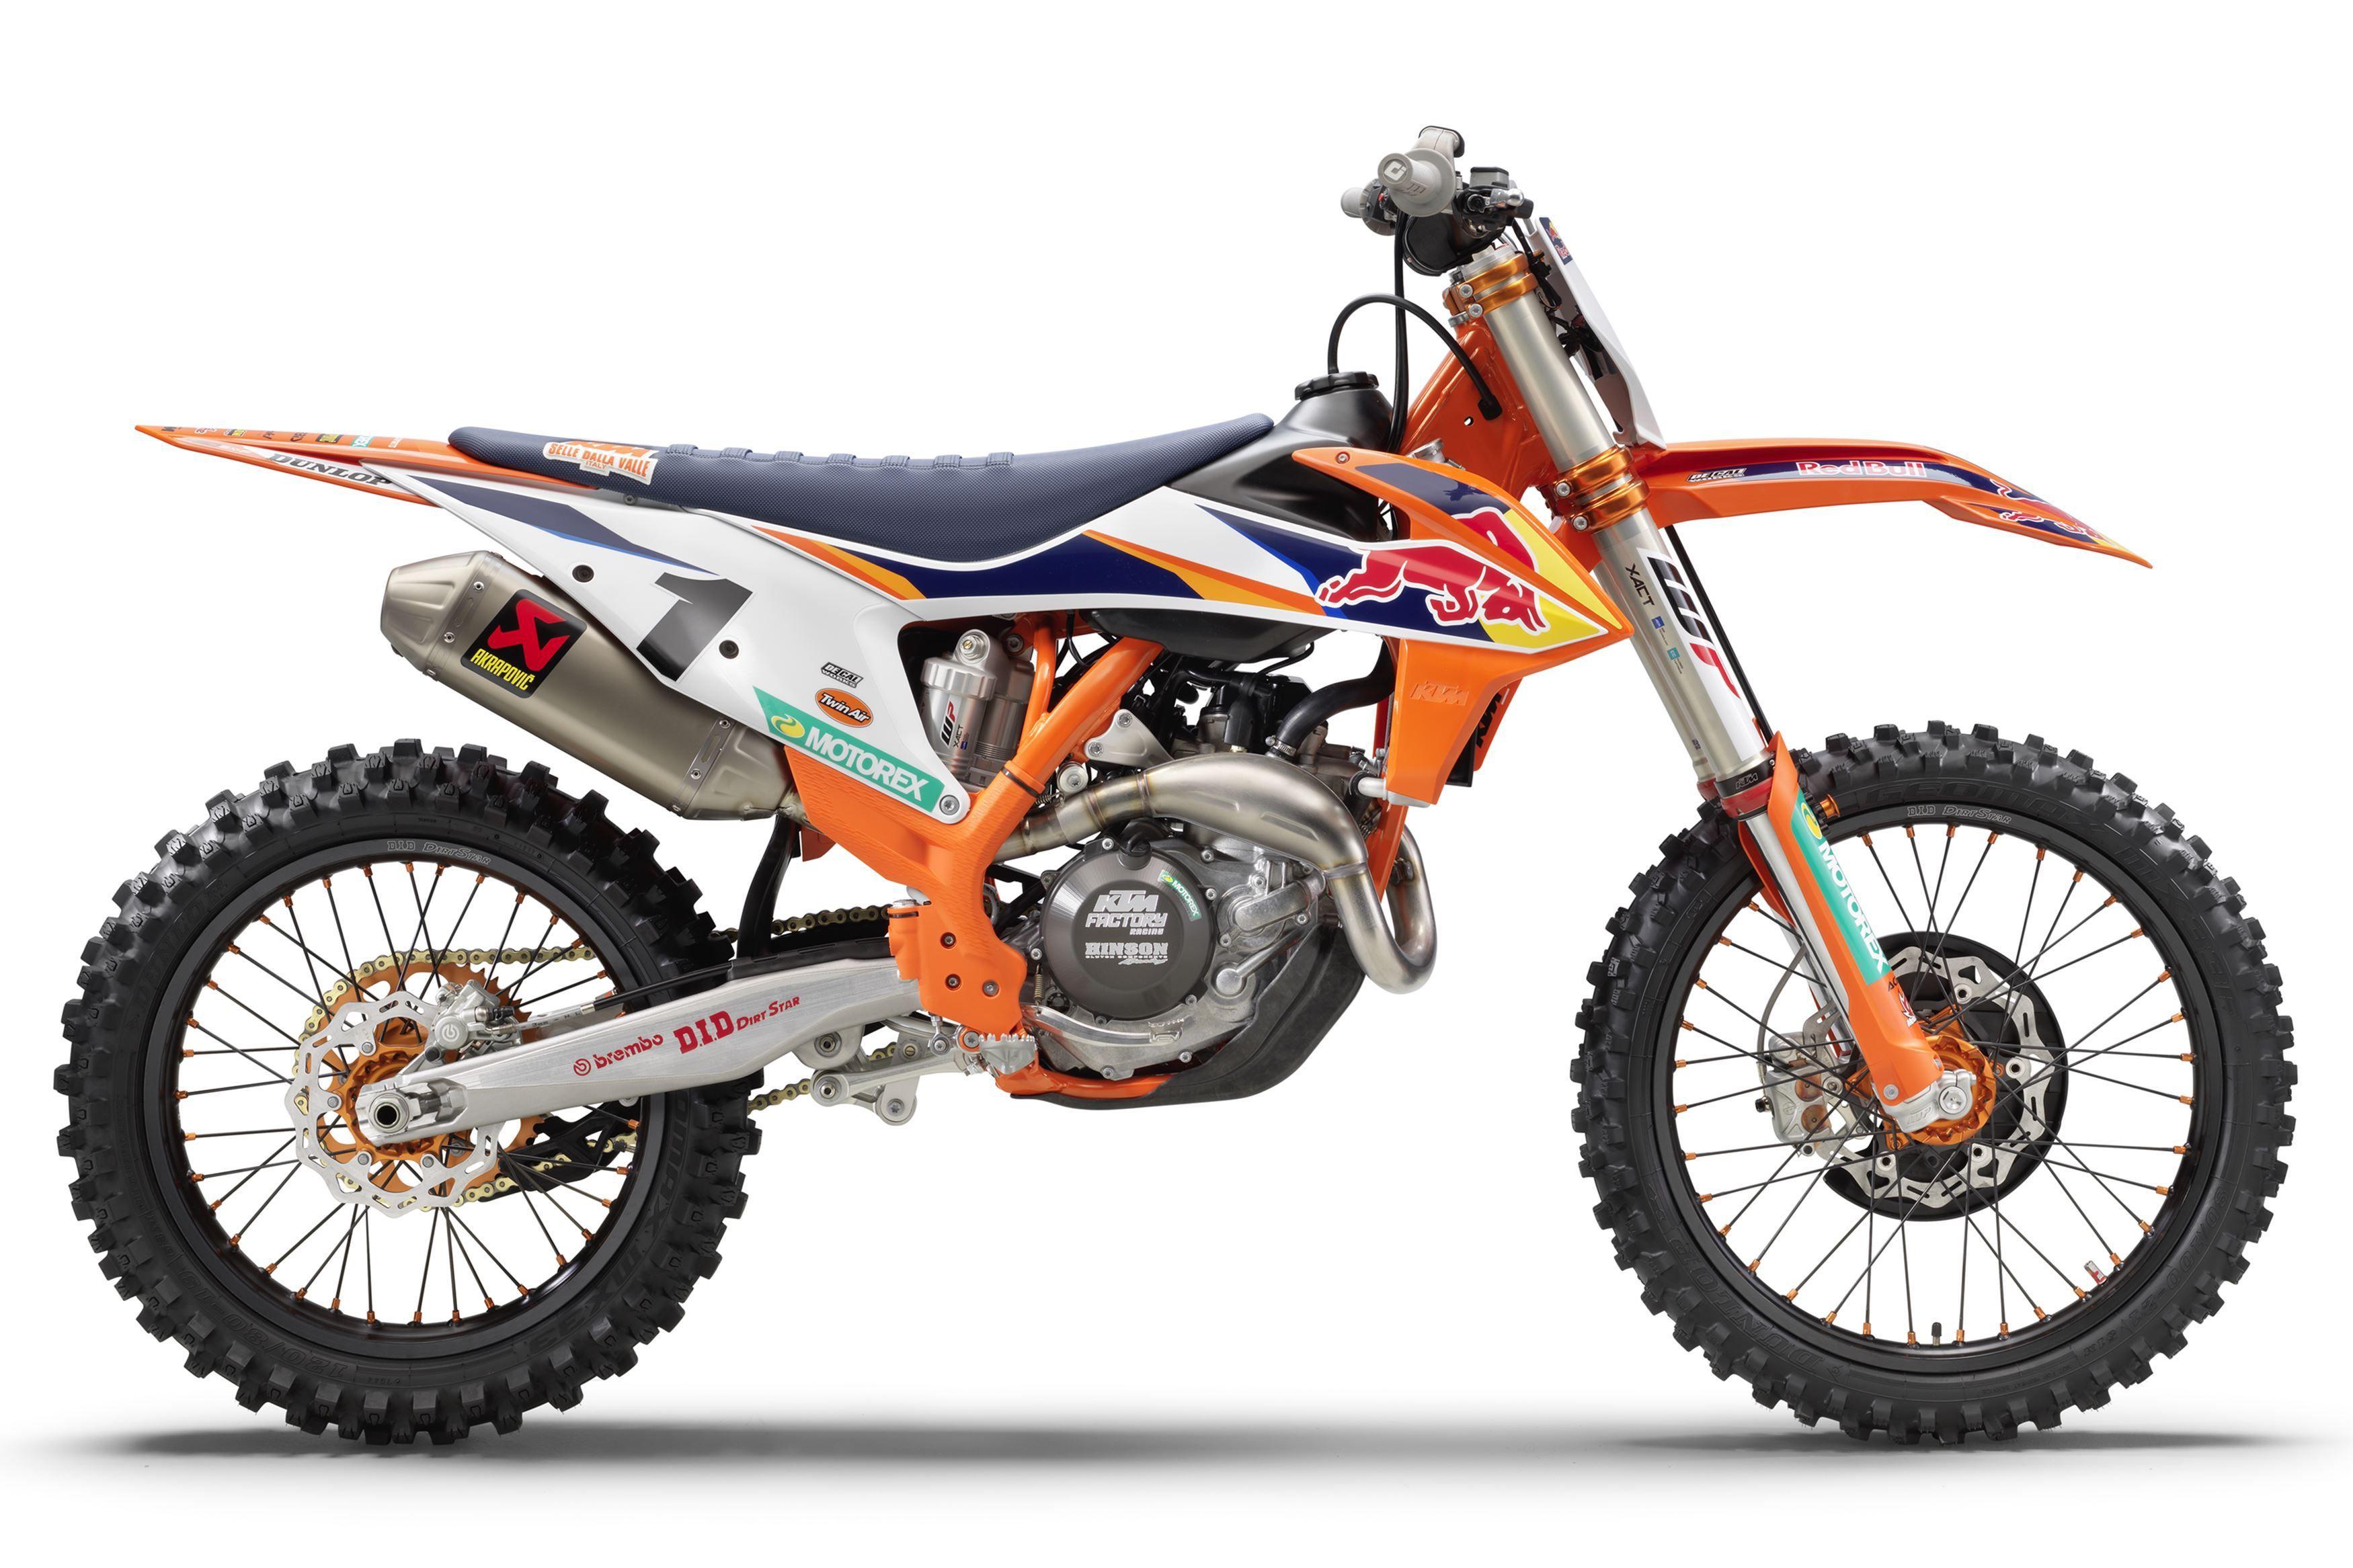 2020 Ktm 450 Sx F Factory Edition 2020 Ktm 450 Sx F Factory Edition Ktm The Ktm 450 Sx F Factory Edition Generally Provides T Ktm 450 Ktm Ktm Dirt Bikes